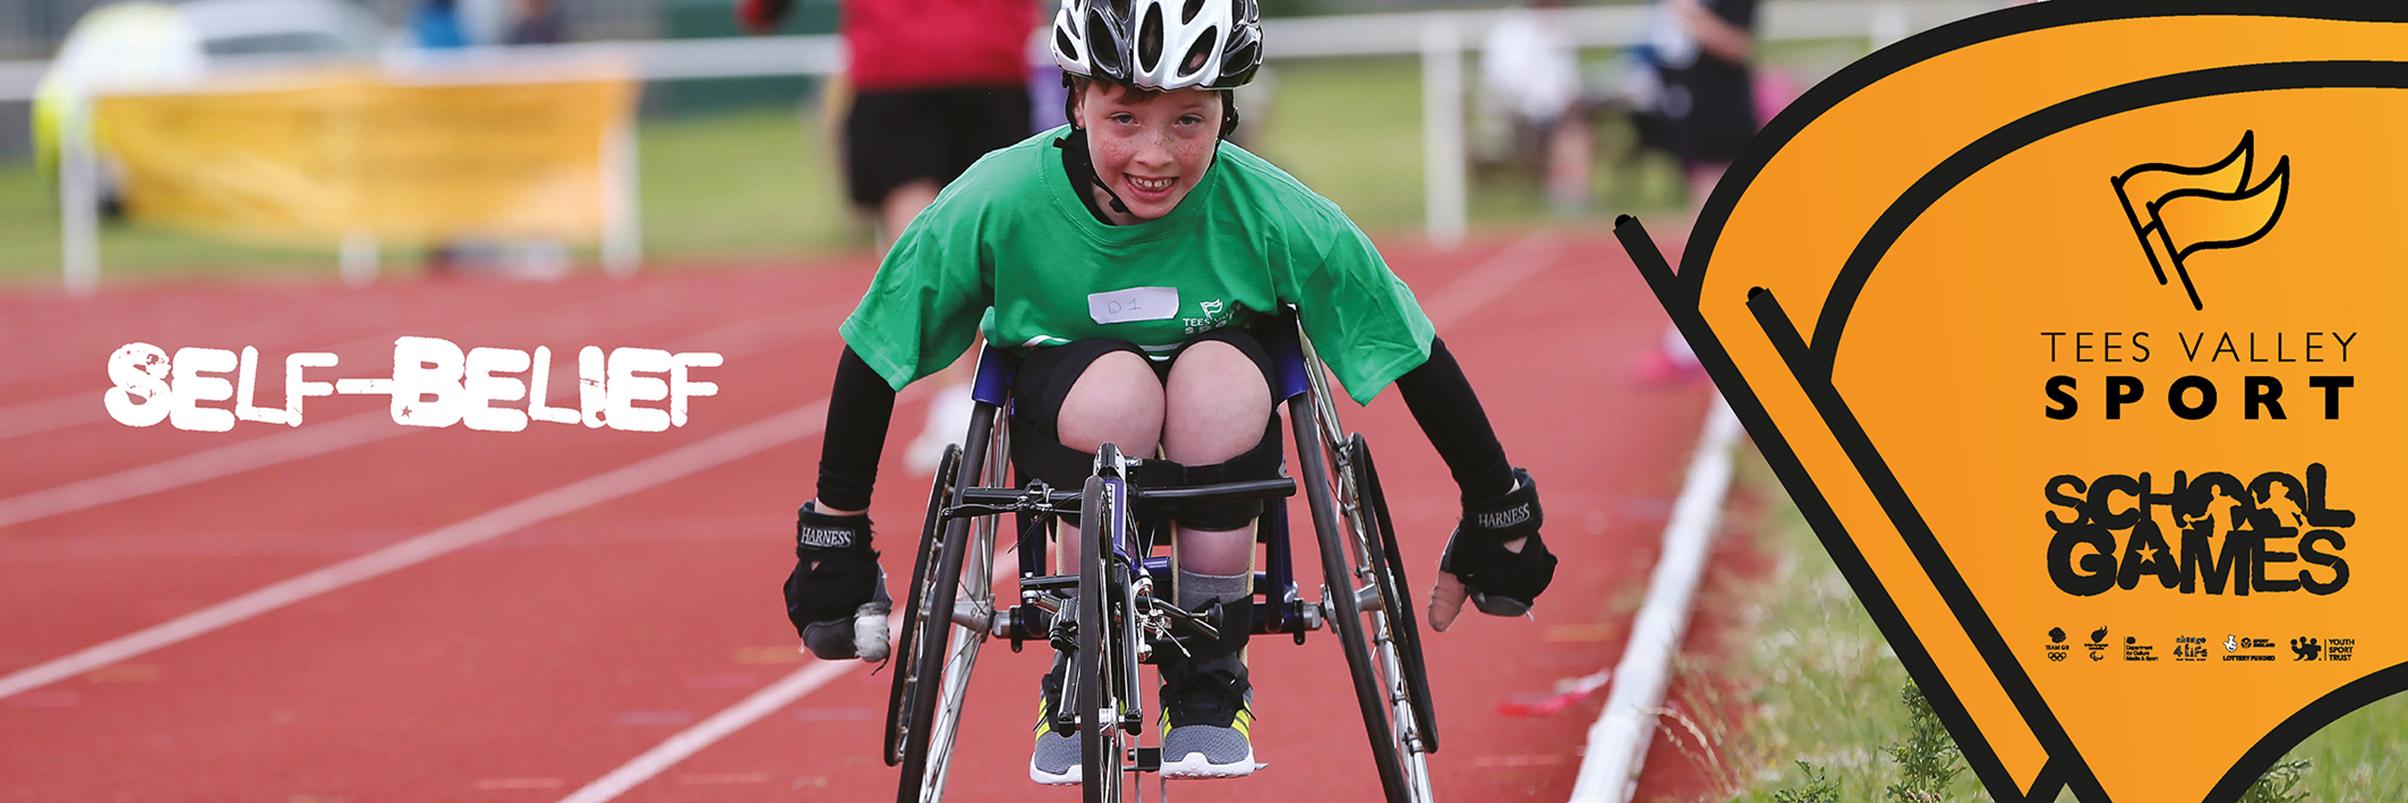 Tees Valley Sport